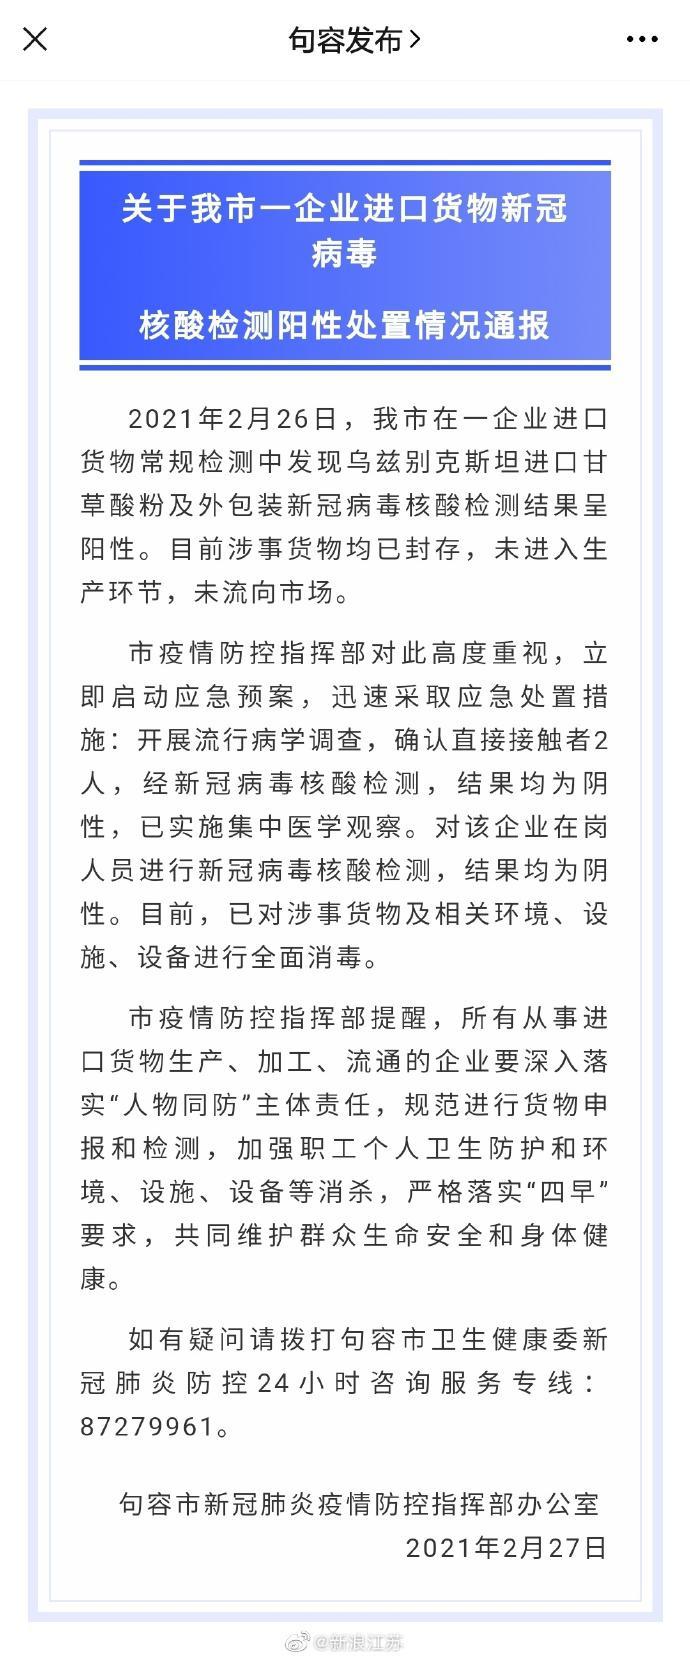 江苏句容:一企业进口货物及外包装检出阳性